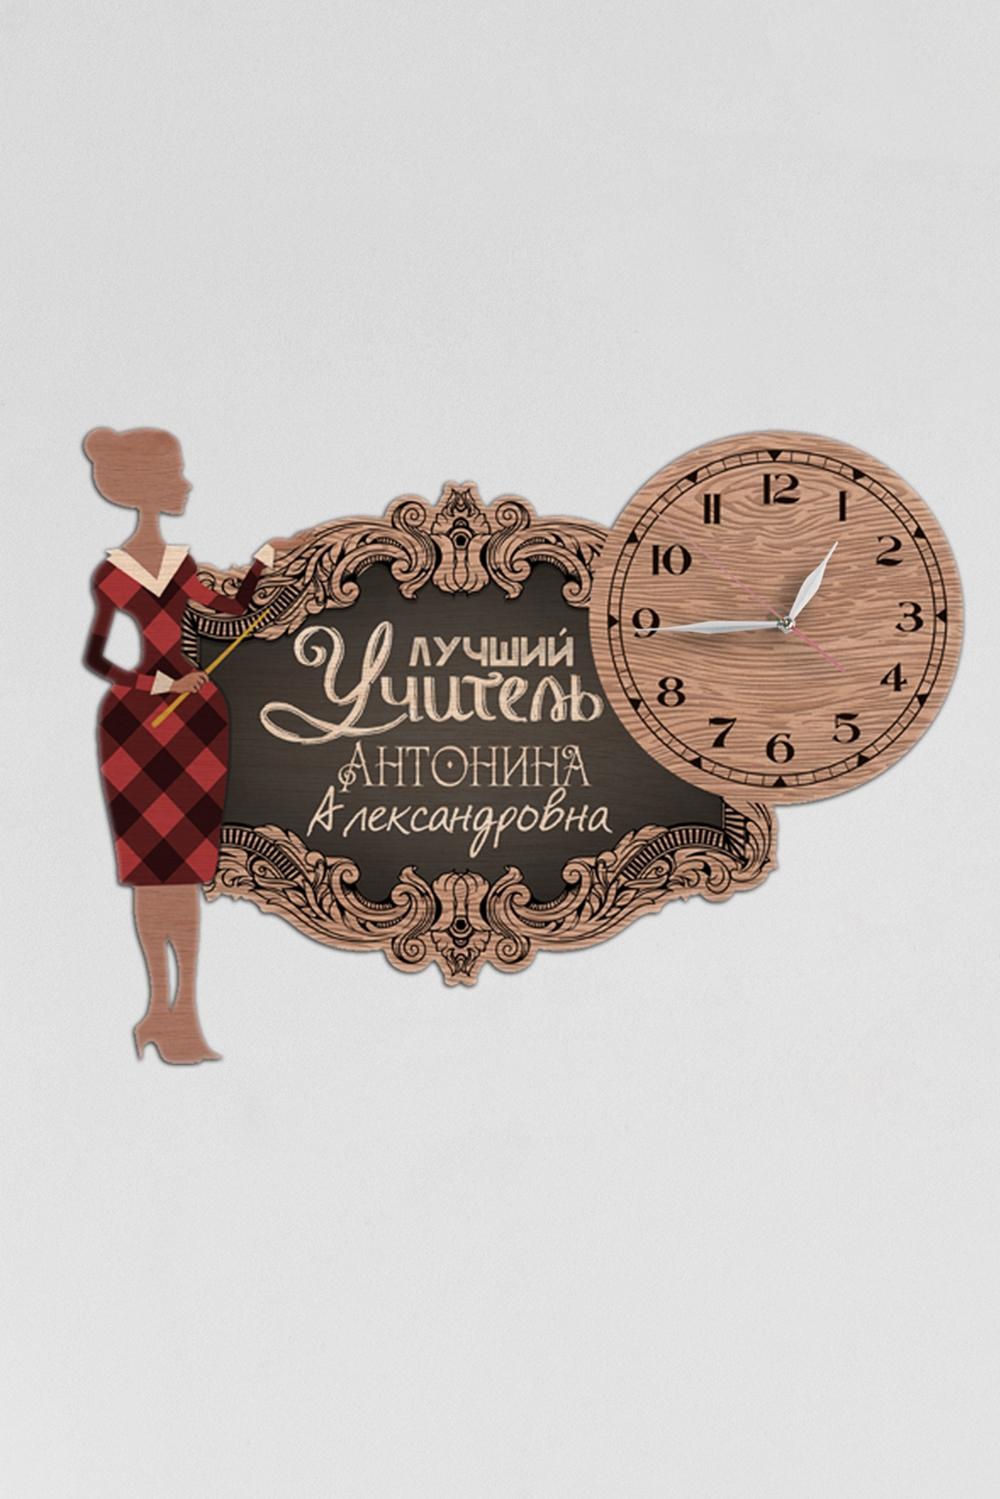 Часы с Вашим именем Время знанийПодарки на день рождения<br>Оригинальные часы с именной надписью, размер 42Х30см, толщина 0,5 см, материал: МДФ<br>